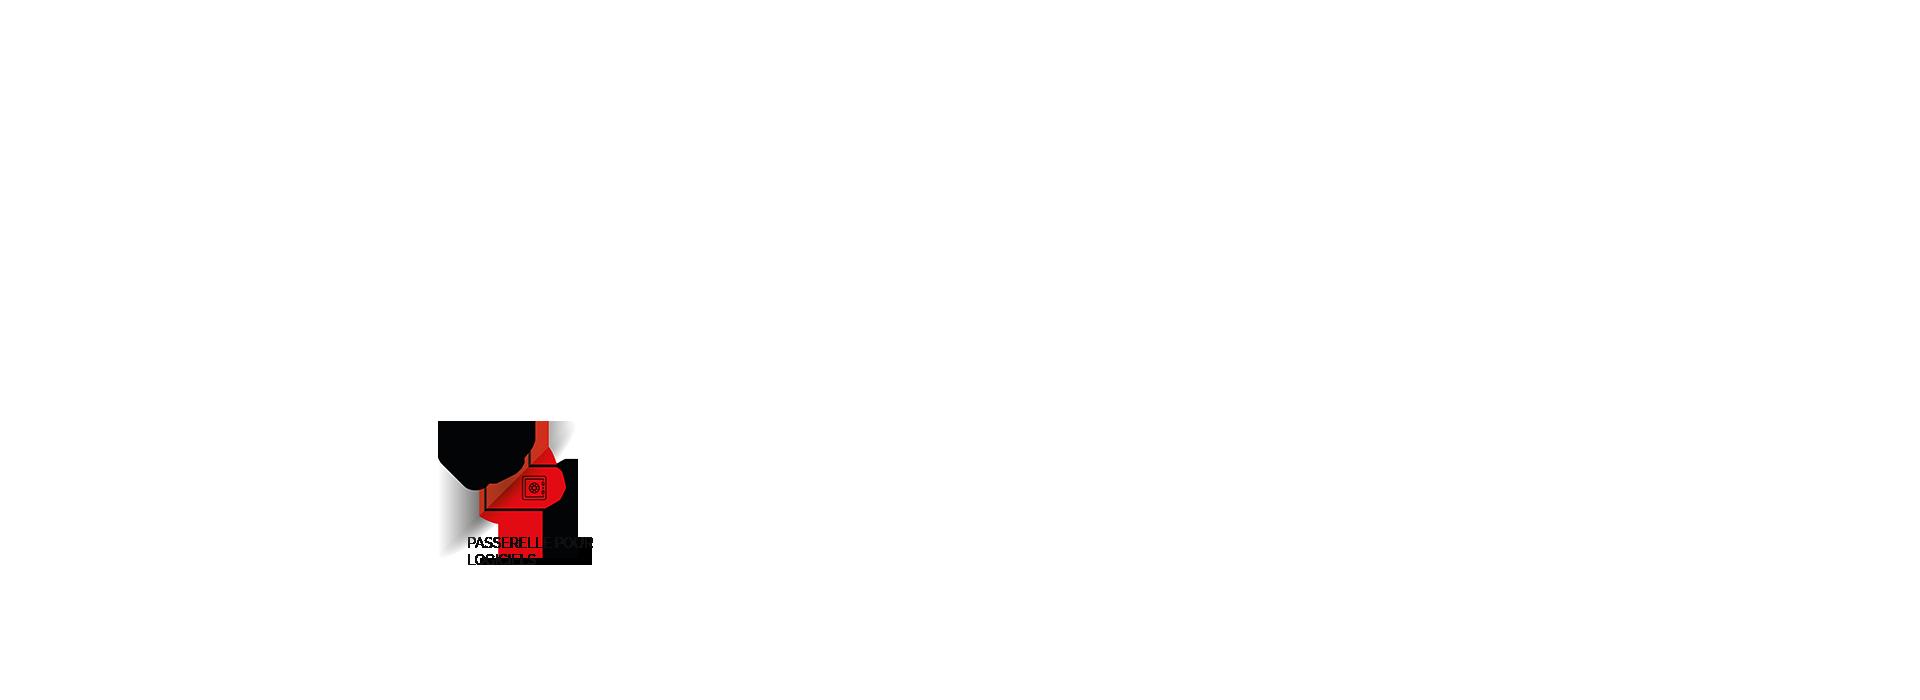 Isca - développement de passerelles logiciel - Alsace